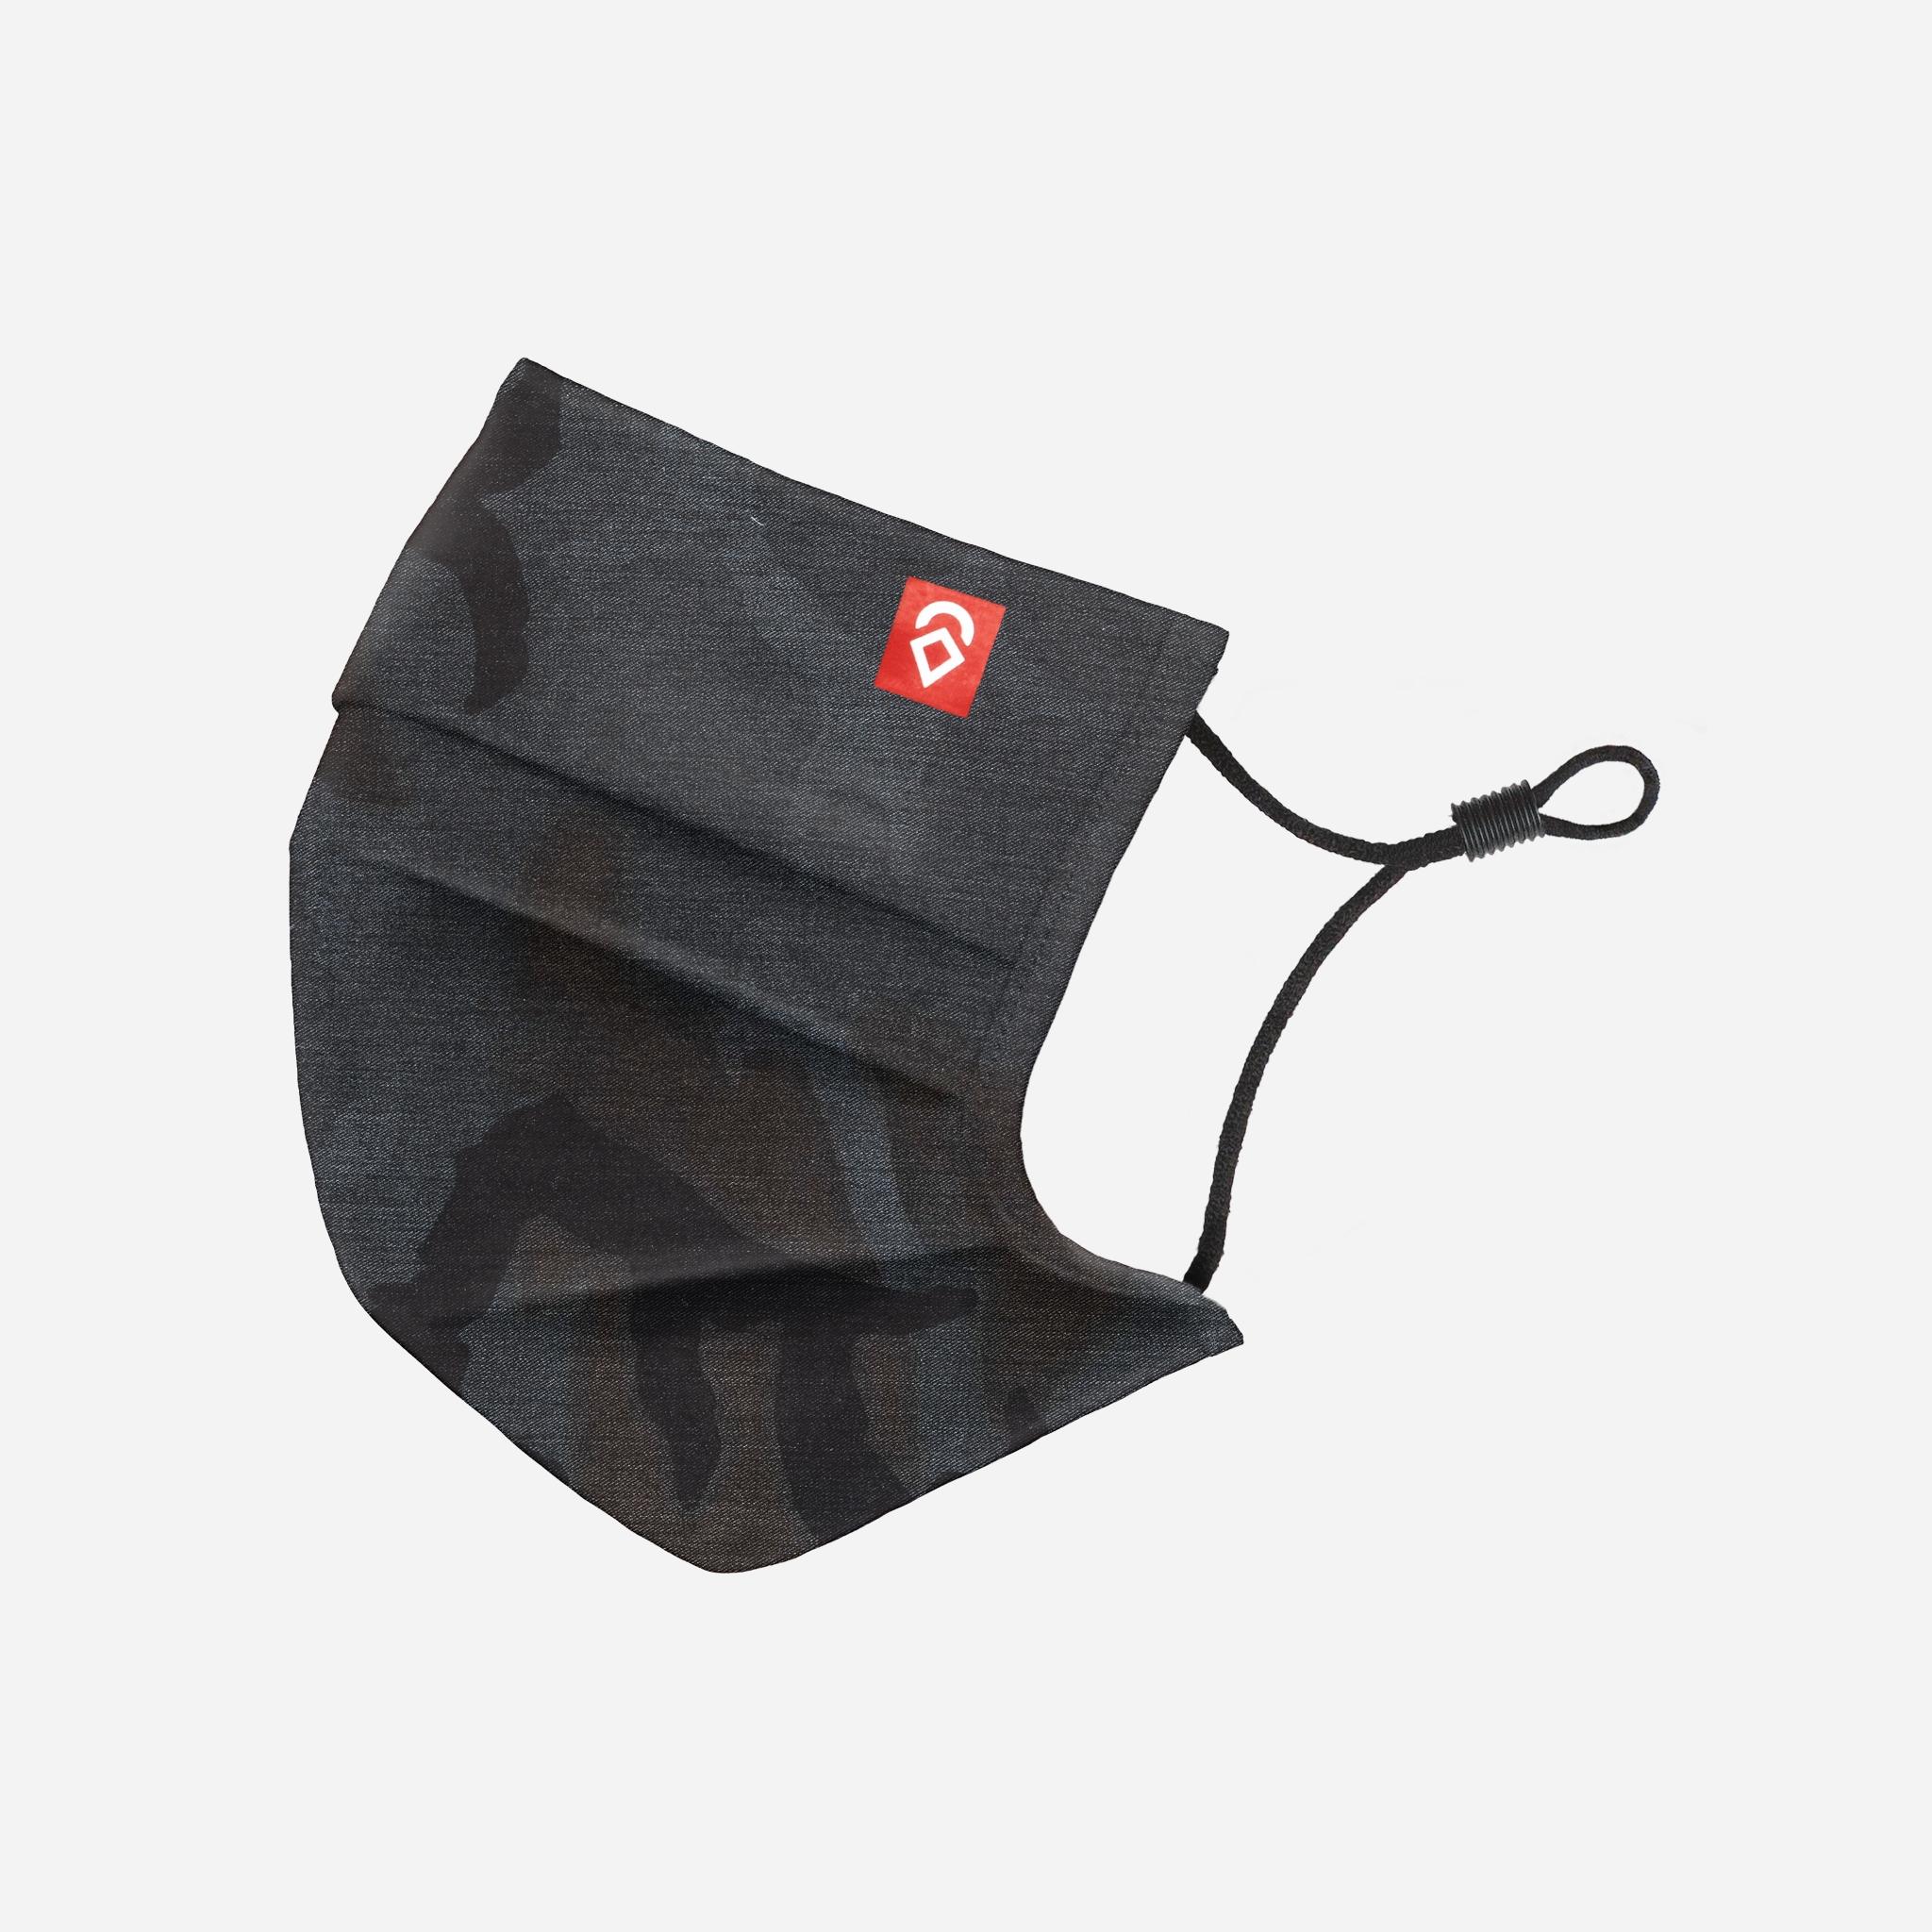 Airhole Basic 3-Layer Pleated Facemask 3 Pack Shibuya